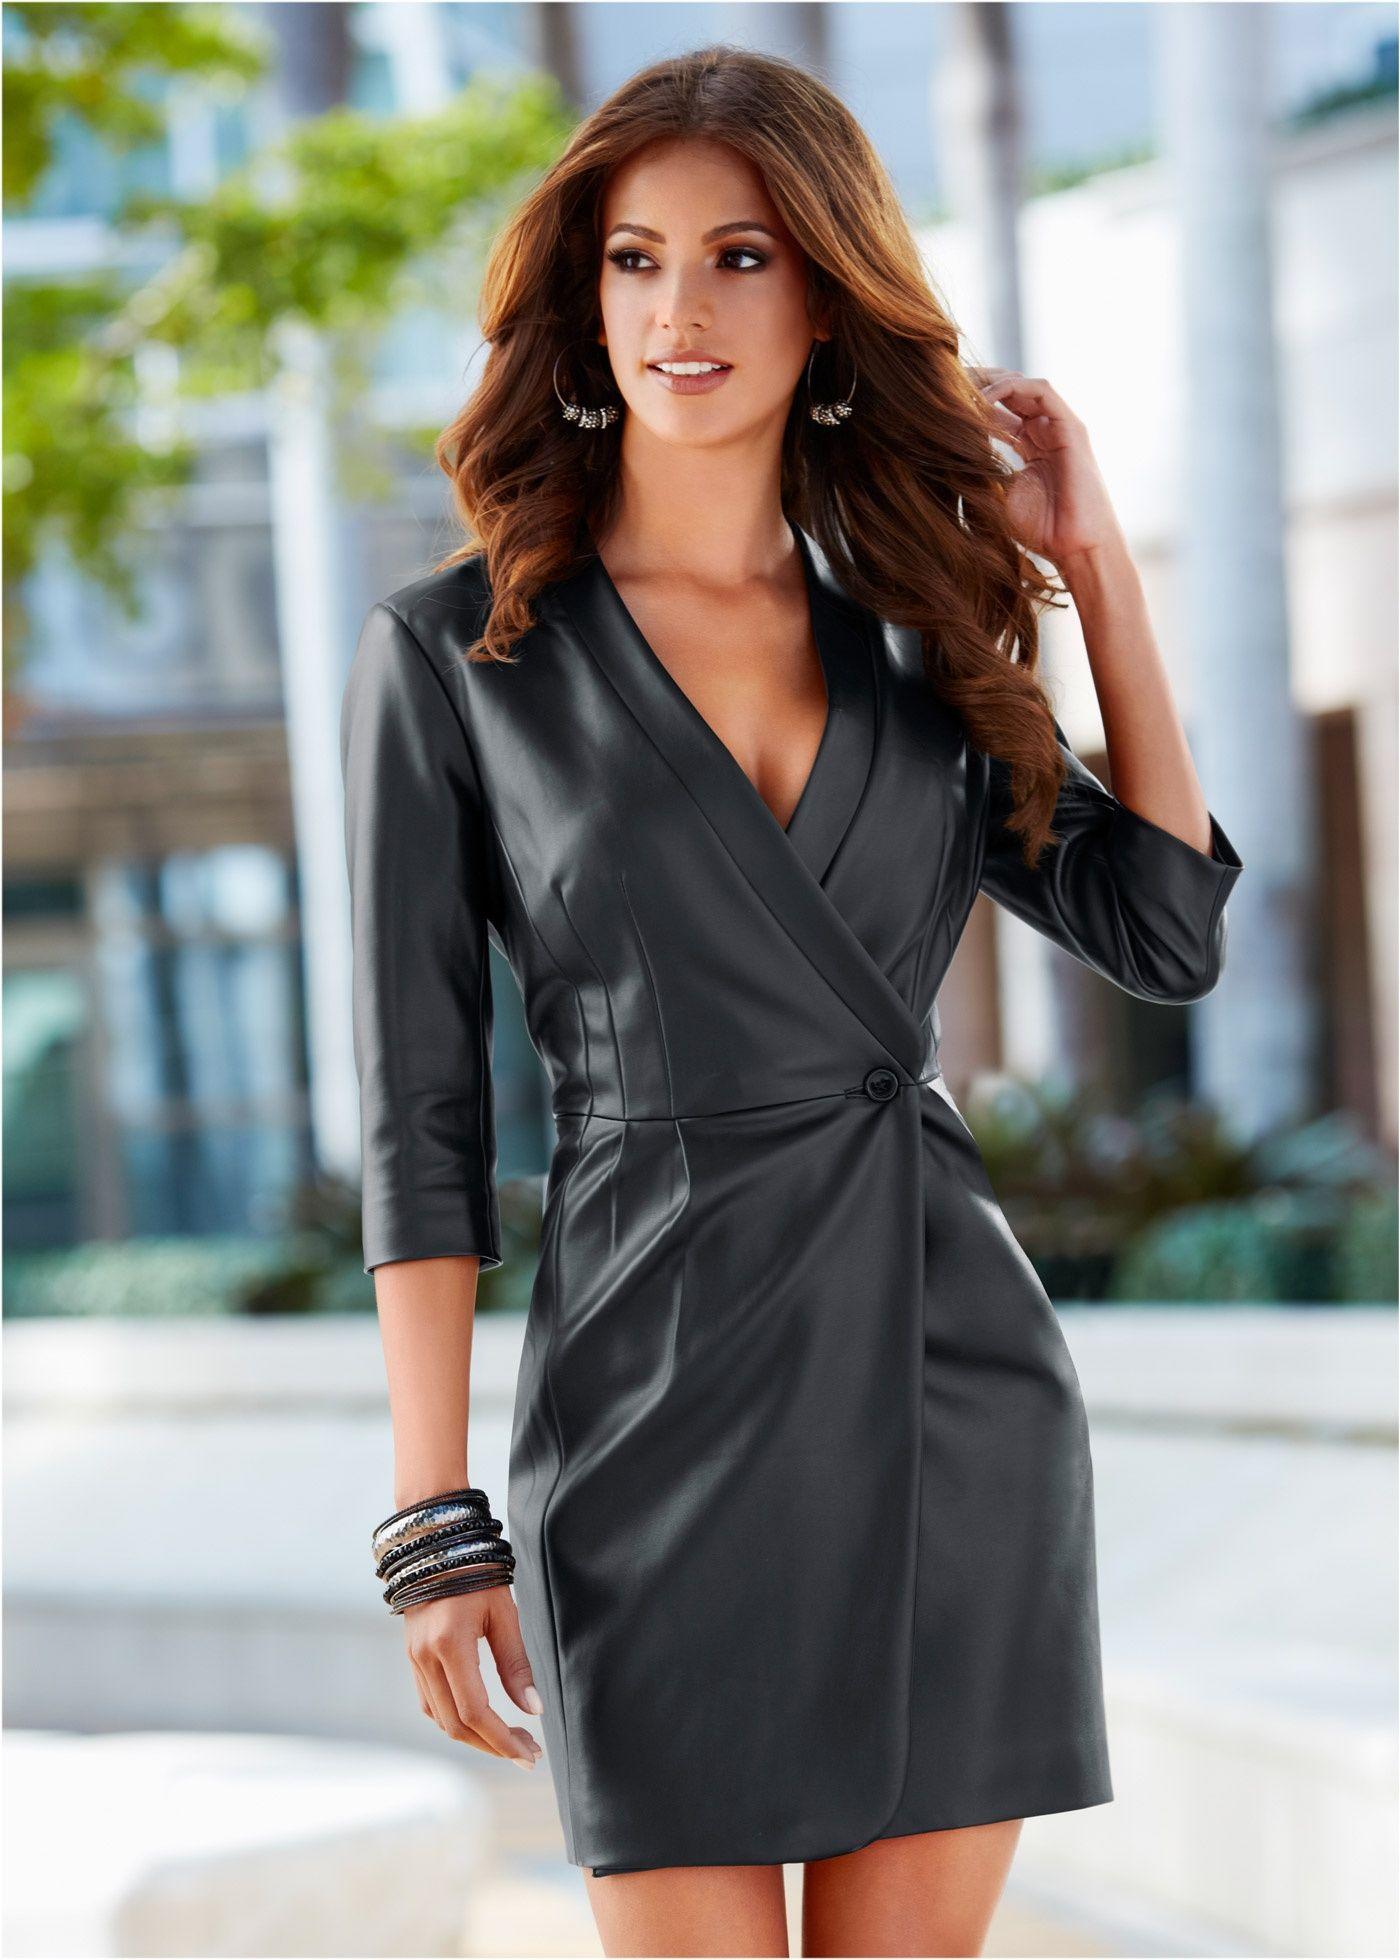 4134574fb Vestido transpassado em PU preto encomendar agora na loja on-line bonprix.de  R$ 219,90 a partir de Vestido-casado manga 3/4 em couro sintético. Seguir  as .